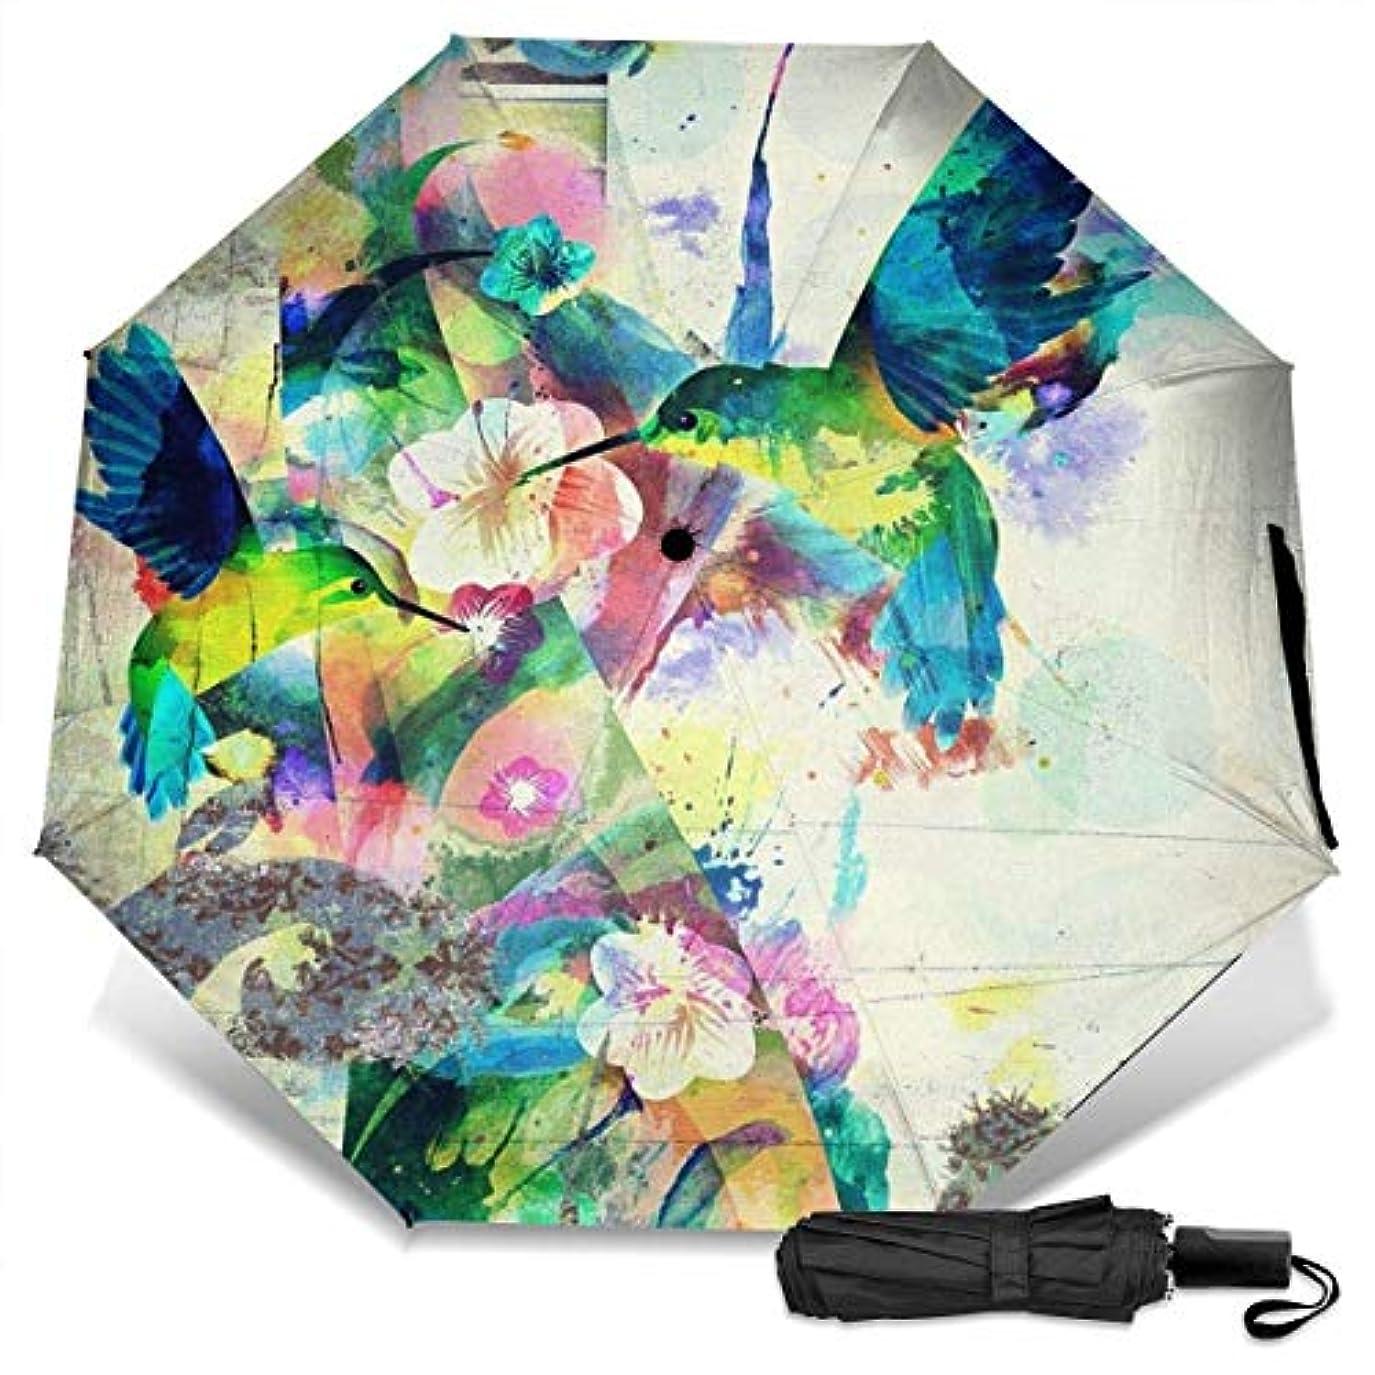 進捗トロリーバスクーポンハチドリの水彩画折りたたみ傘 軽量 手動三つ折り傘 日傘 耐風撥水 晴雨兼用 遮光遮熱 紫外線対策 携帯用かさ 出張旅行通勤 女性と男性用 (黒ゴム)